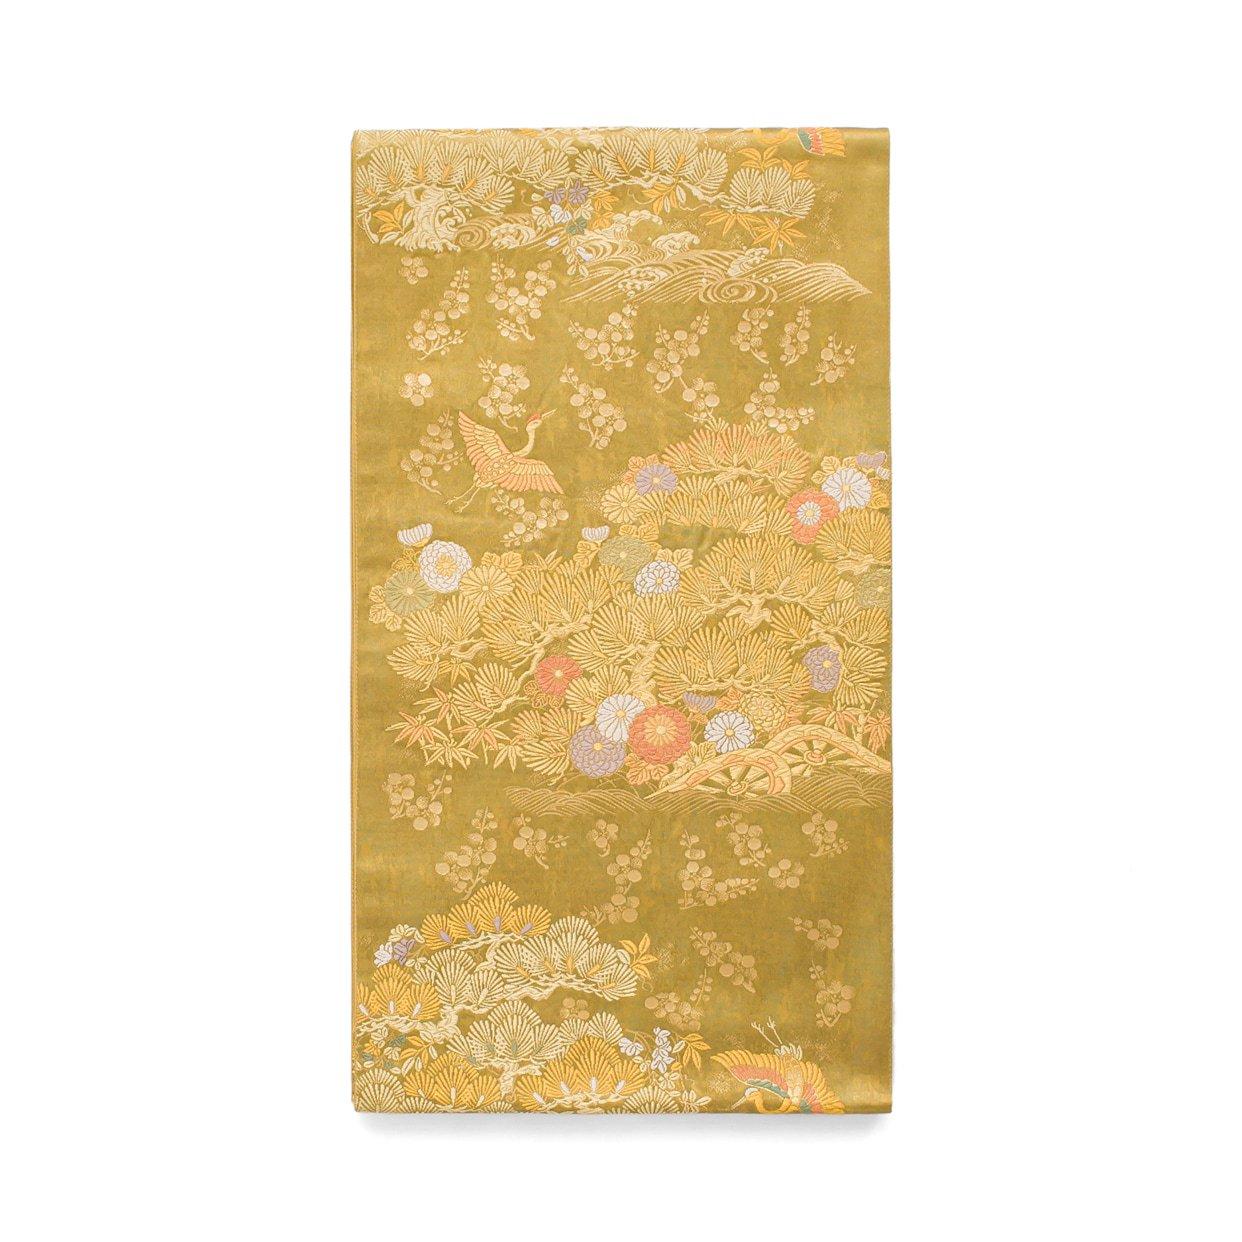 「袋帯●松に鶴など」の商品画像